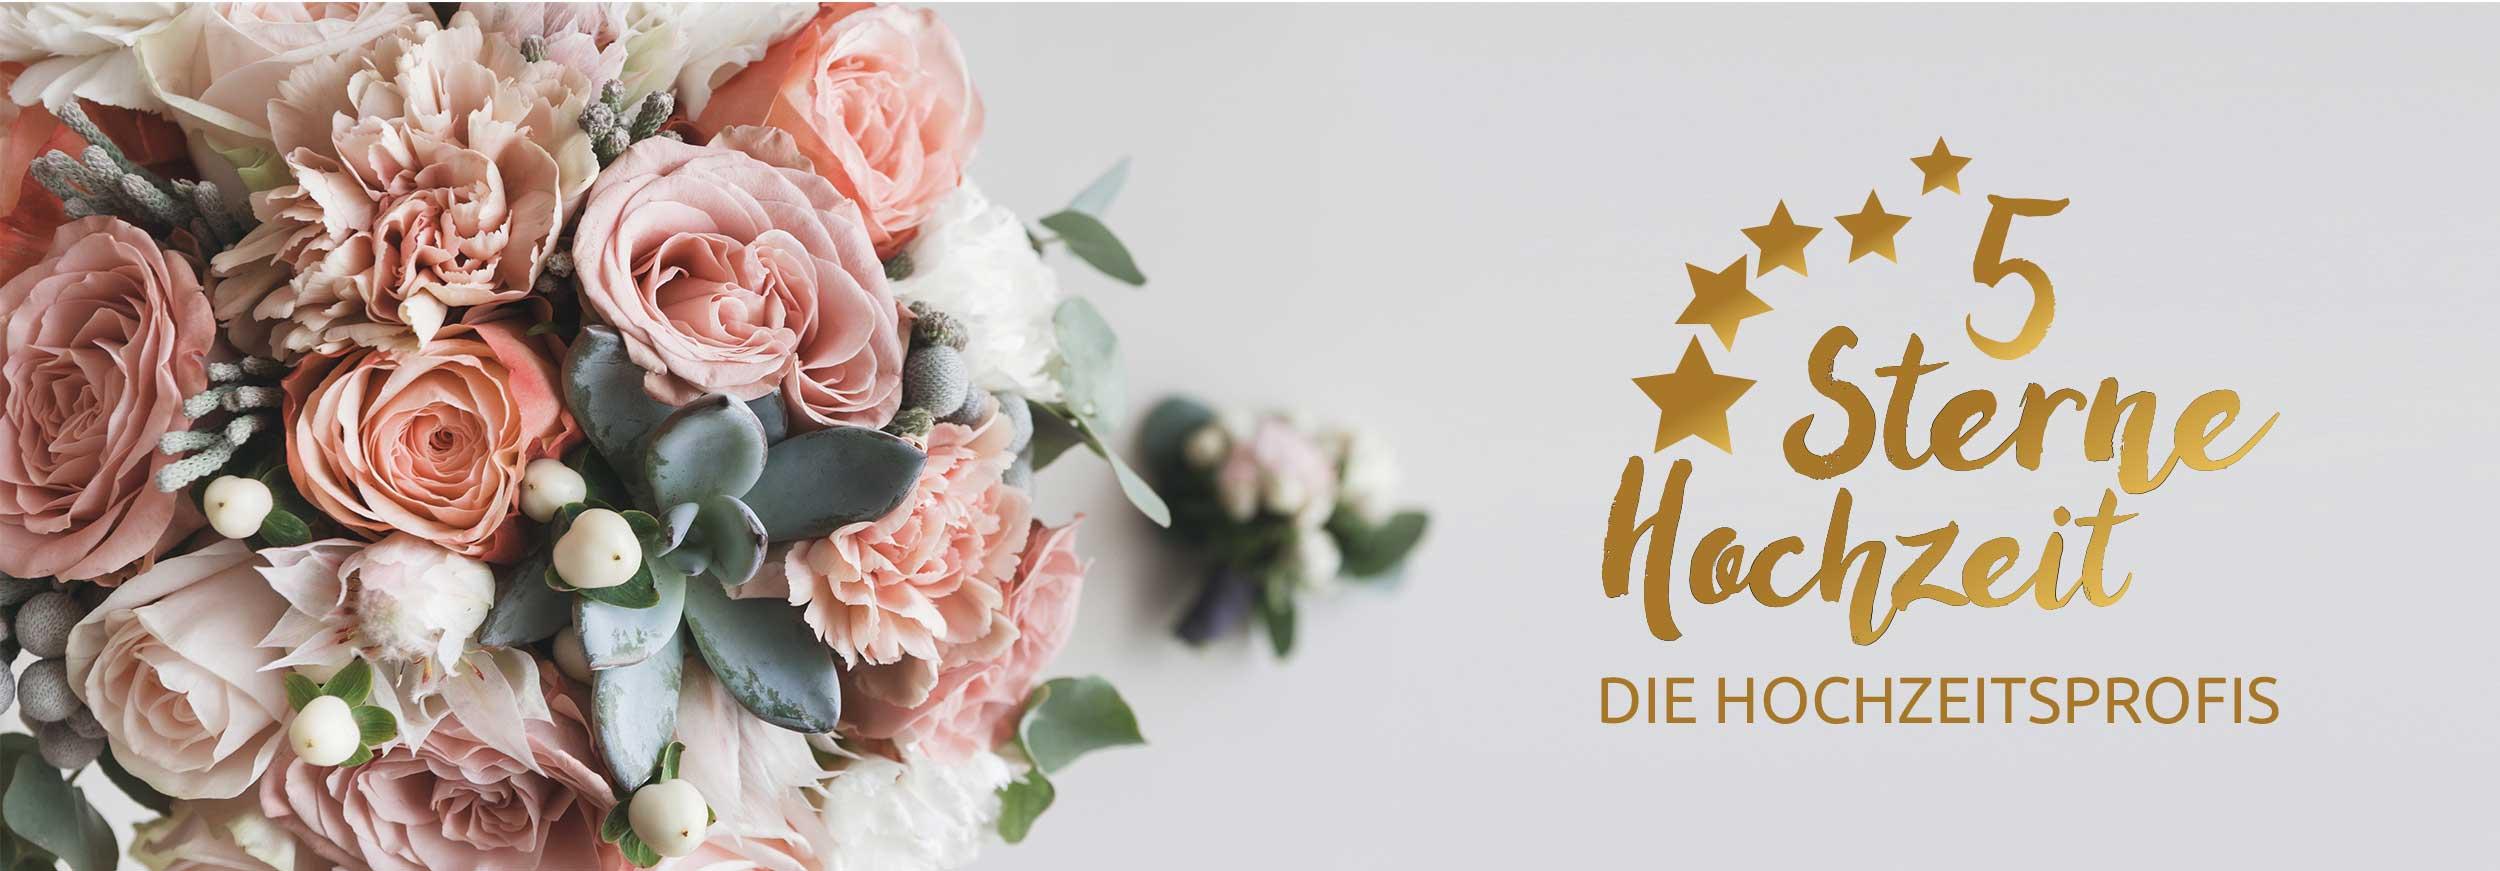 Die Hochzeitsprofis